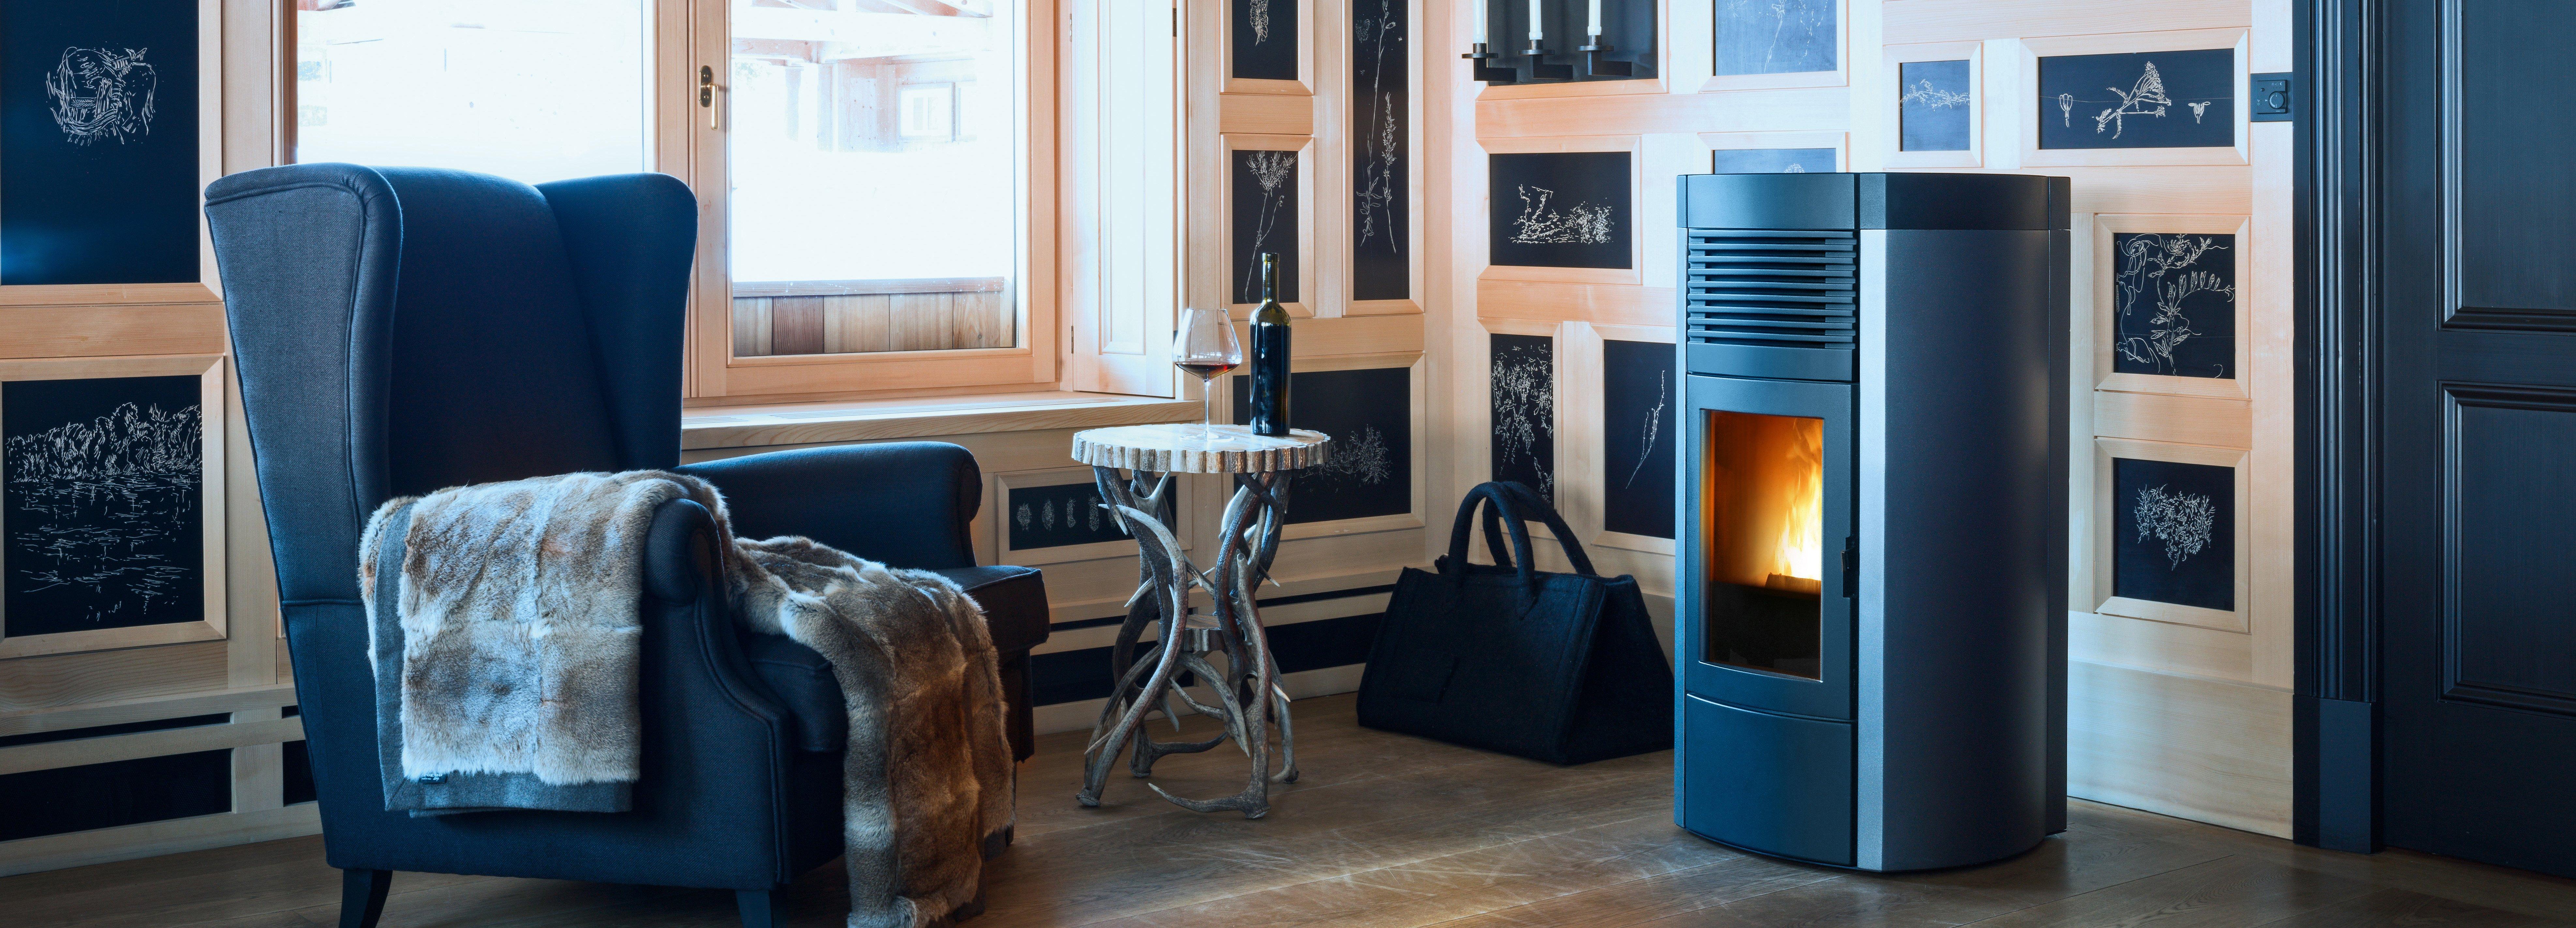 Riscaldare tutta la casa con un 39 unica stufa cose di casa - Come riscaldare la casa ...